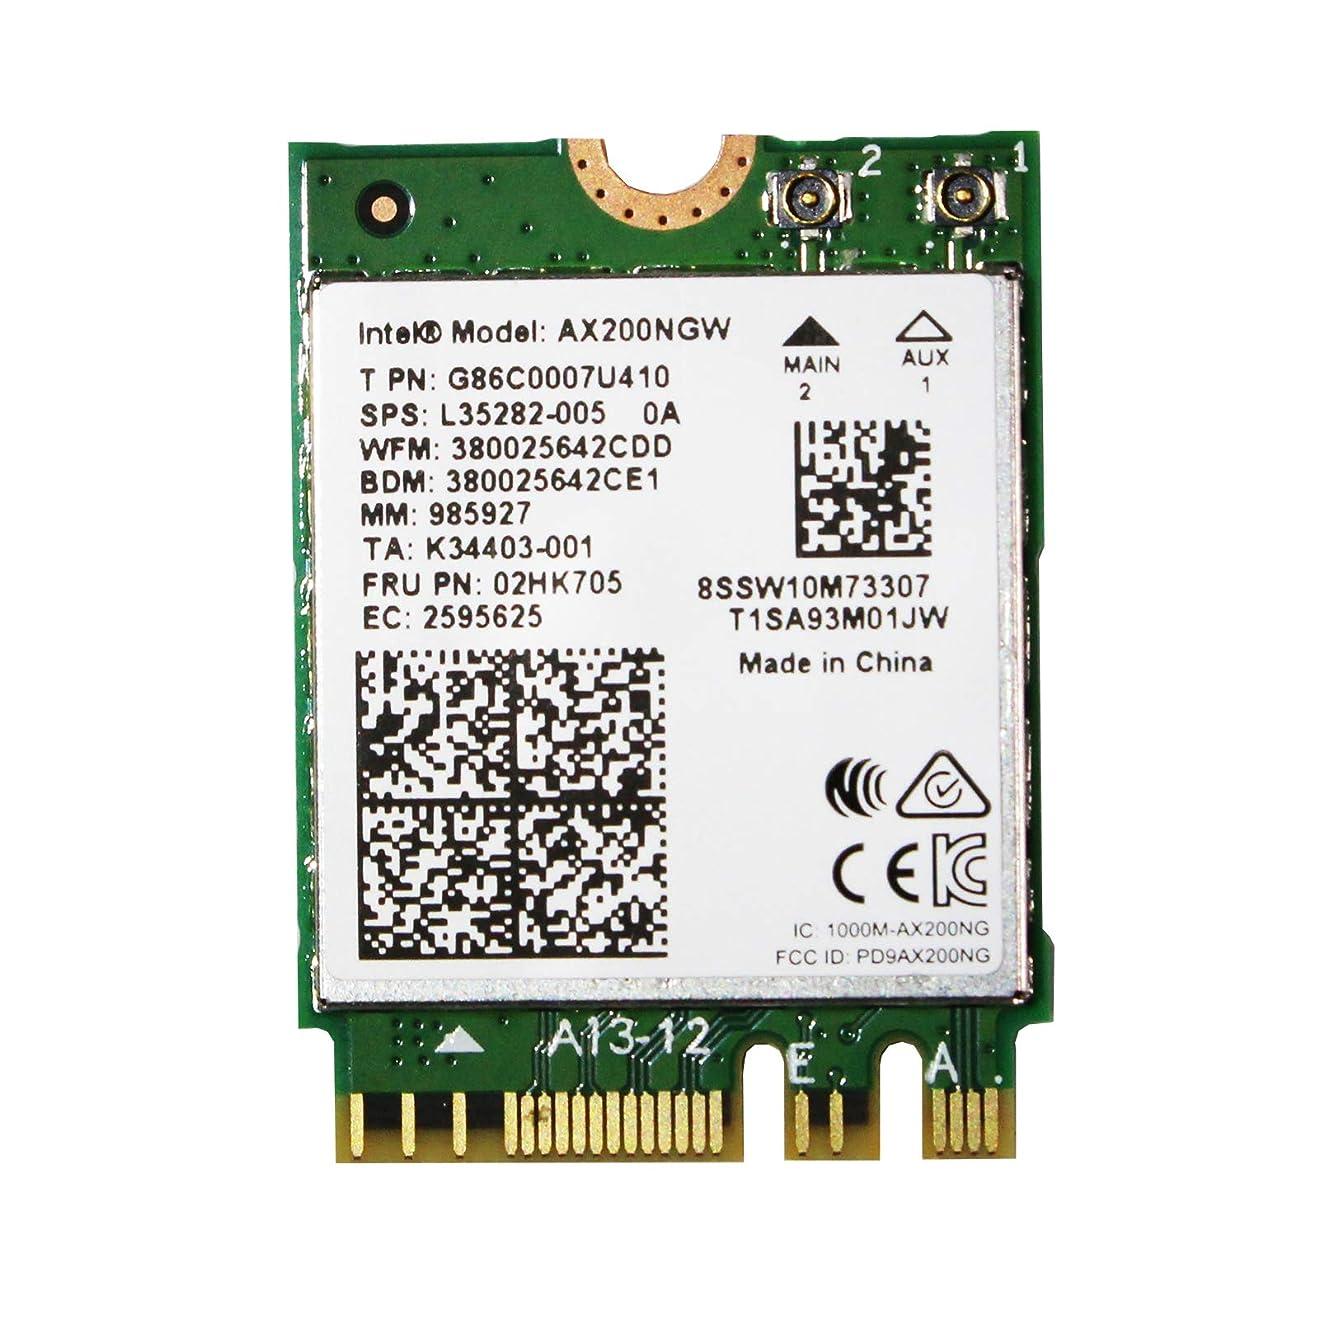 辞任する仕様気候の山Intel インテル AX200 NGW 802.11ax (2,400Mbps) Wi-Fi 6 & Bluetooth5 (M.2 WiFiカード)